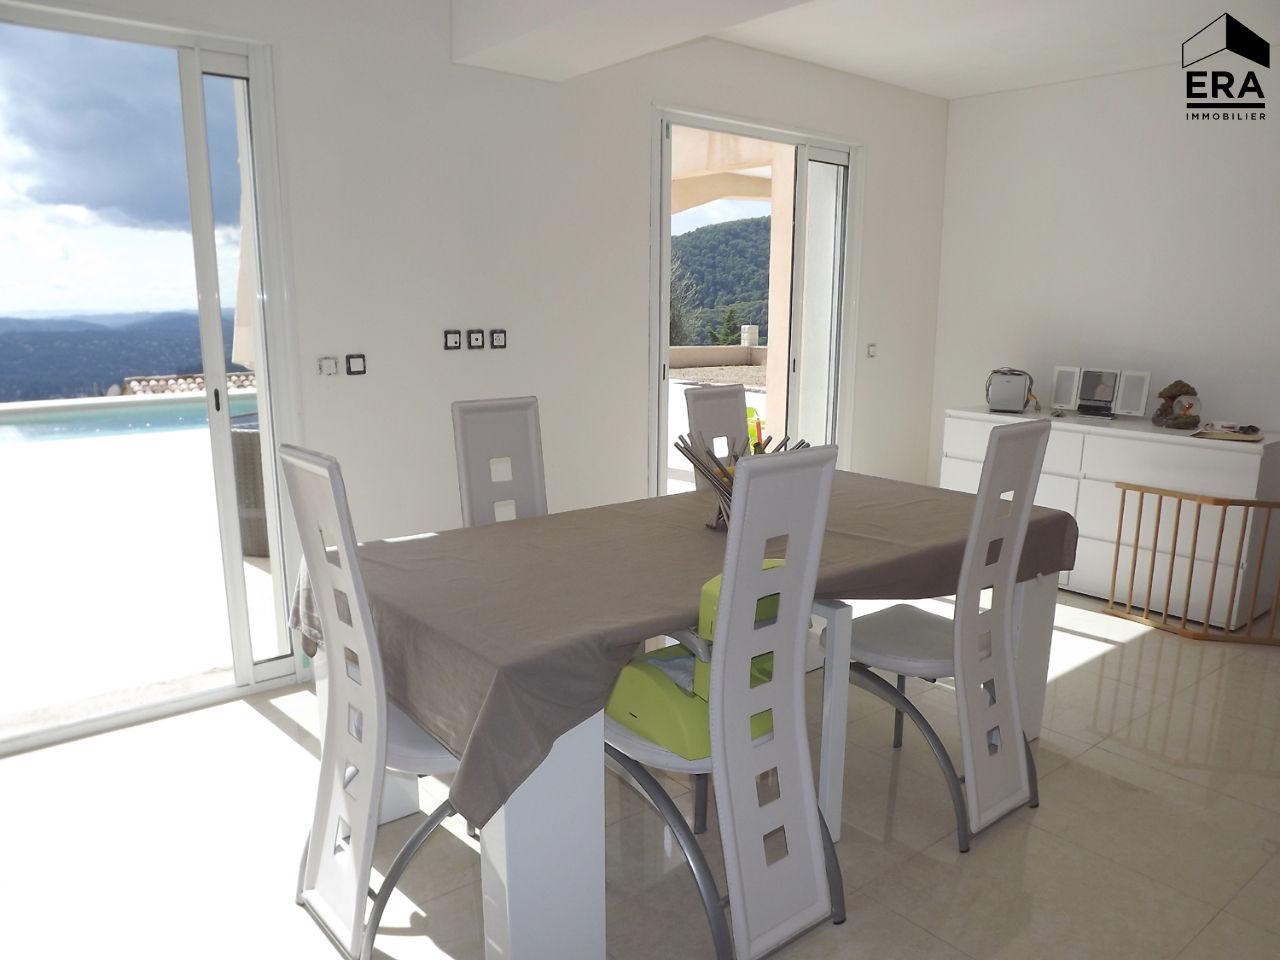 Magnifique villa neuve 200m 5 chambres terrasse et for Prix maison neuve 4 chambres